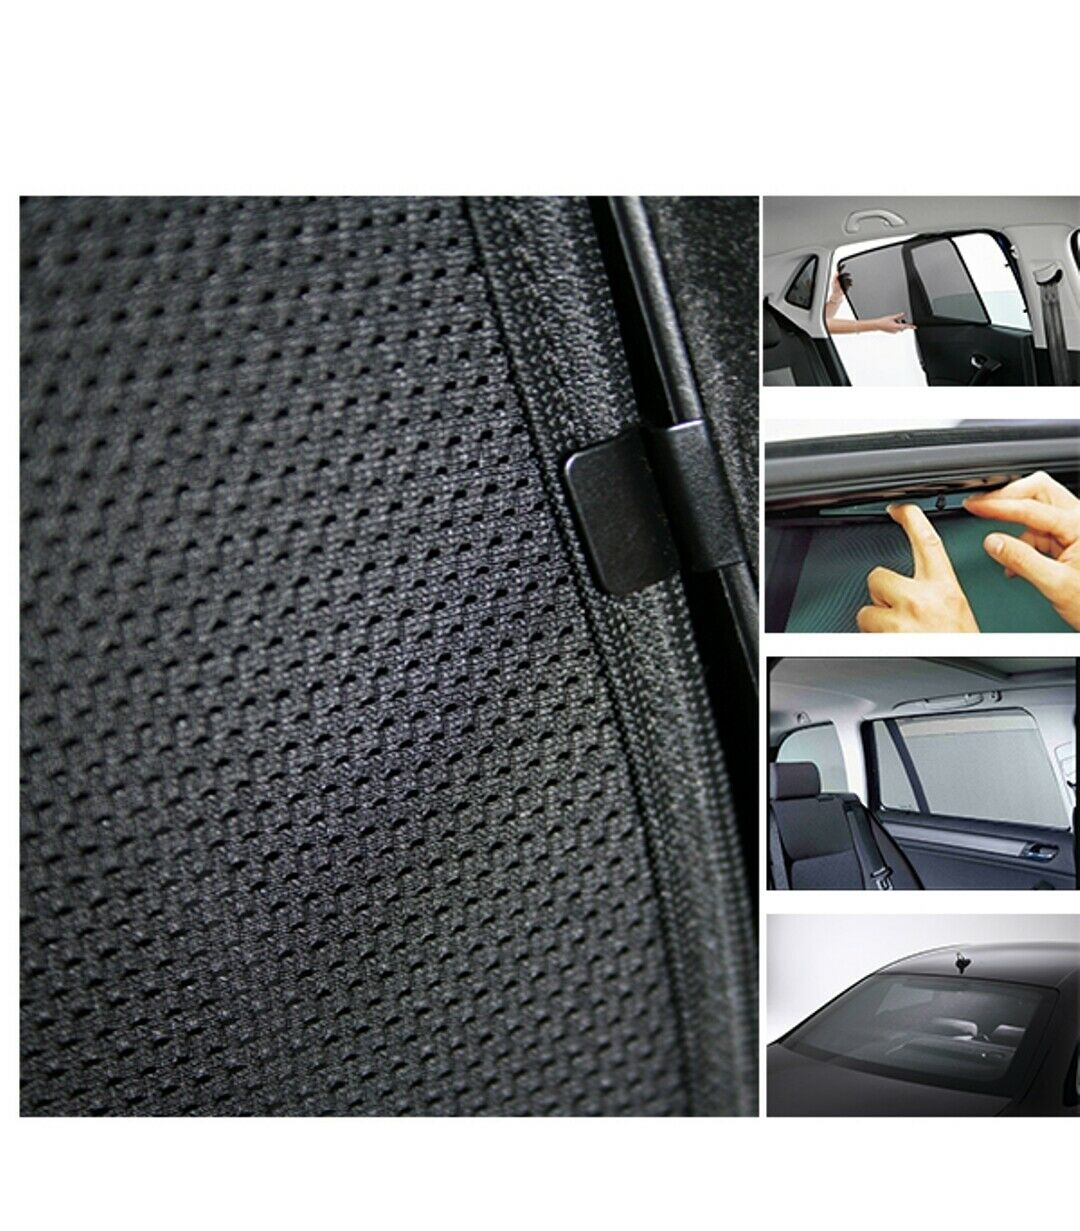 LYXMY 2 St/ück Auto Jalousien Sonnenschutz Fenster Moskitonabdeckungen blockieren UV-Strahlen Anti-Insektenschutz Staubdicht Mesh Screen Netz M M